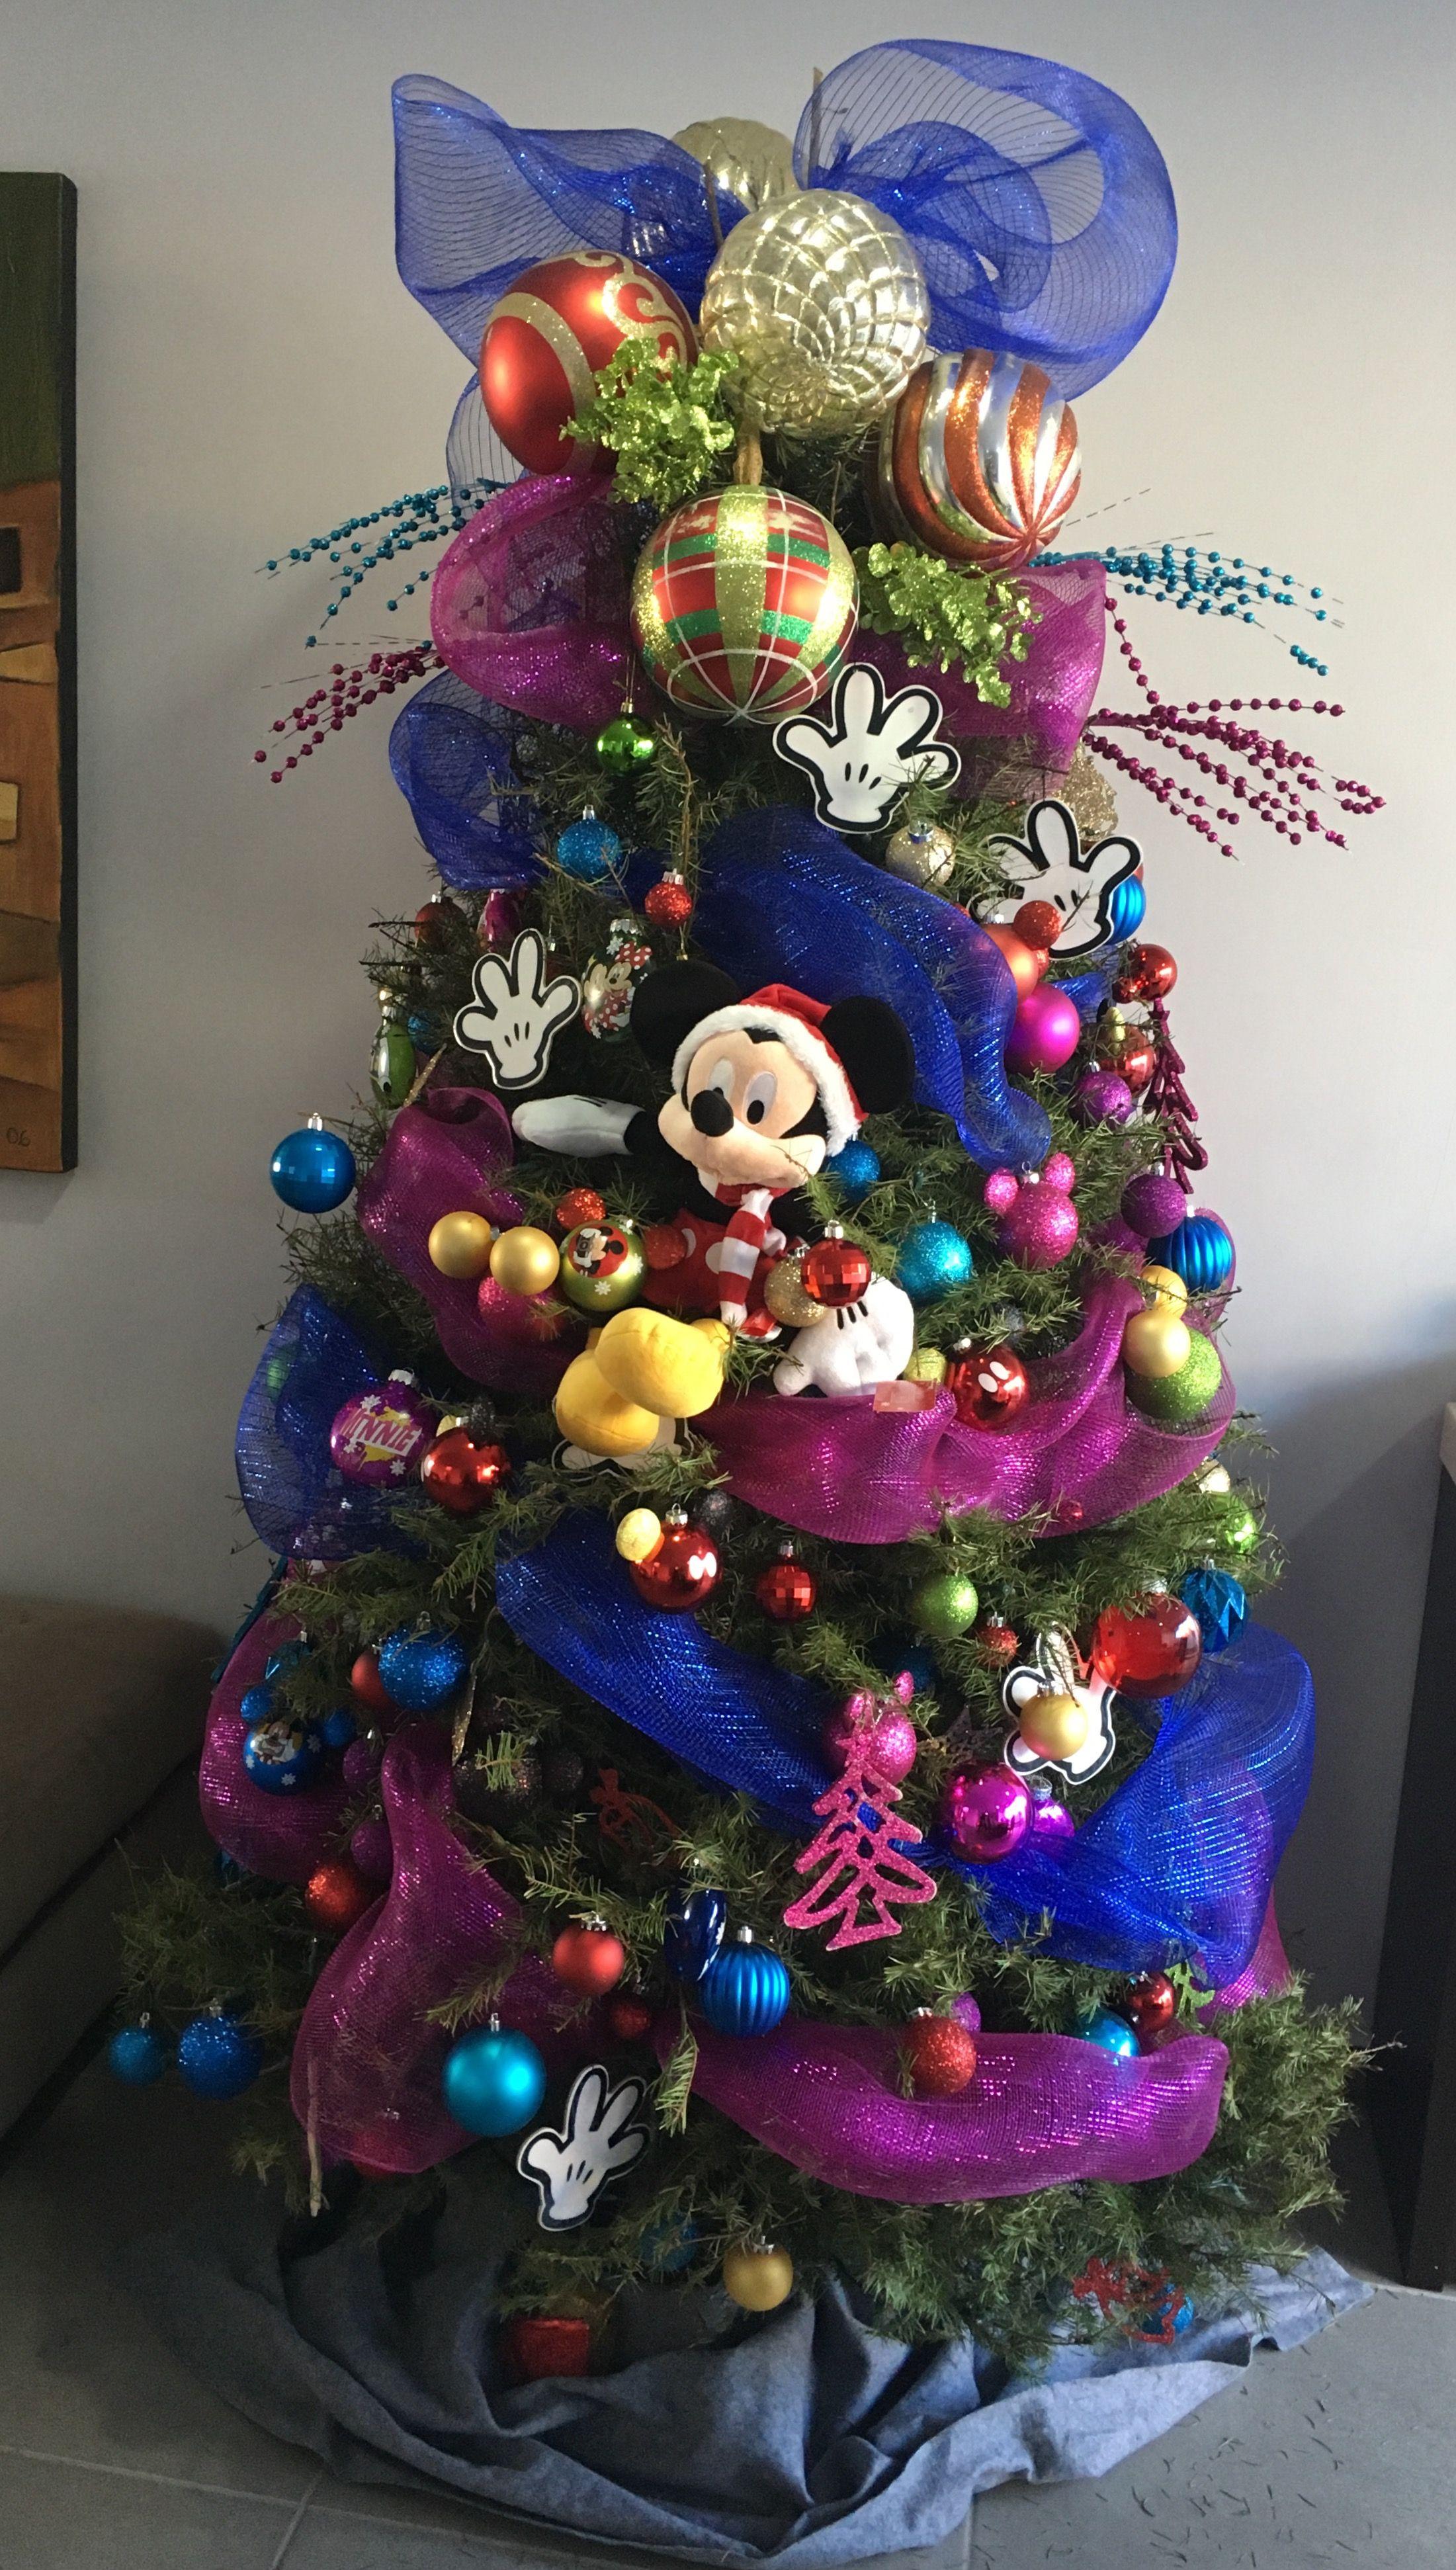 Mickey mouse rbol navidad cosas de decoraci n - Arbol navidad adornos ...